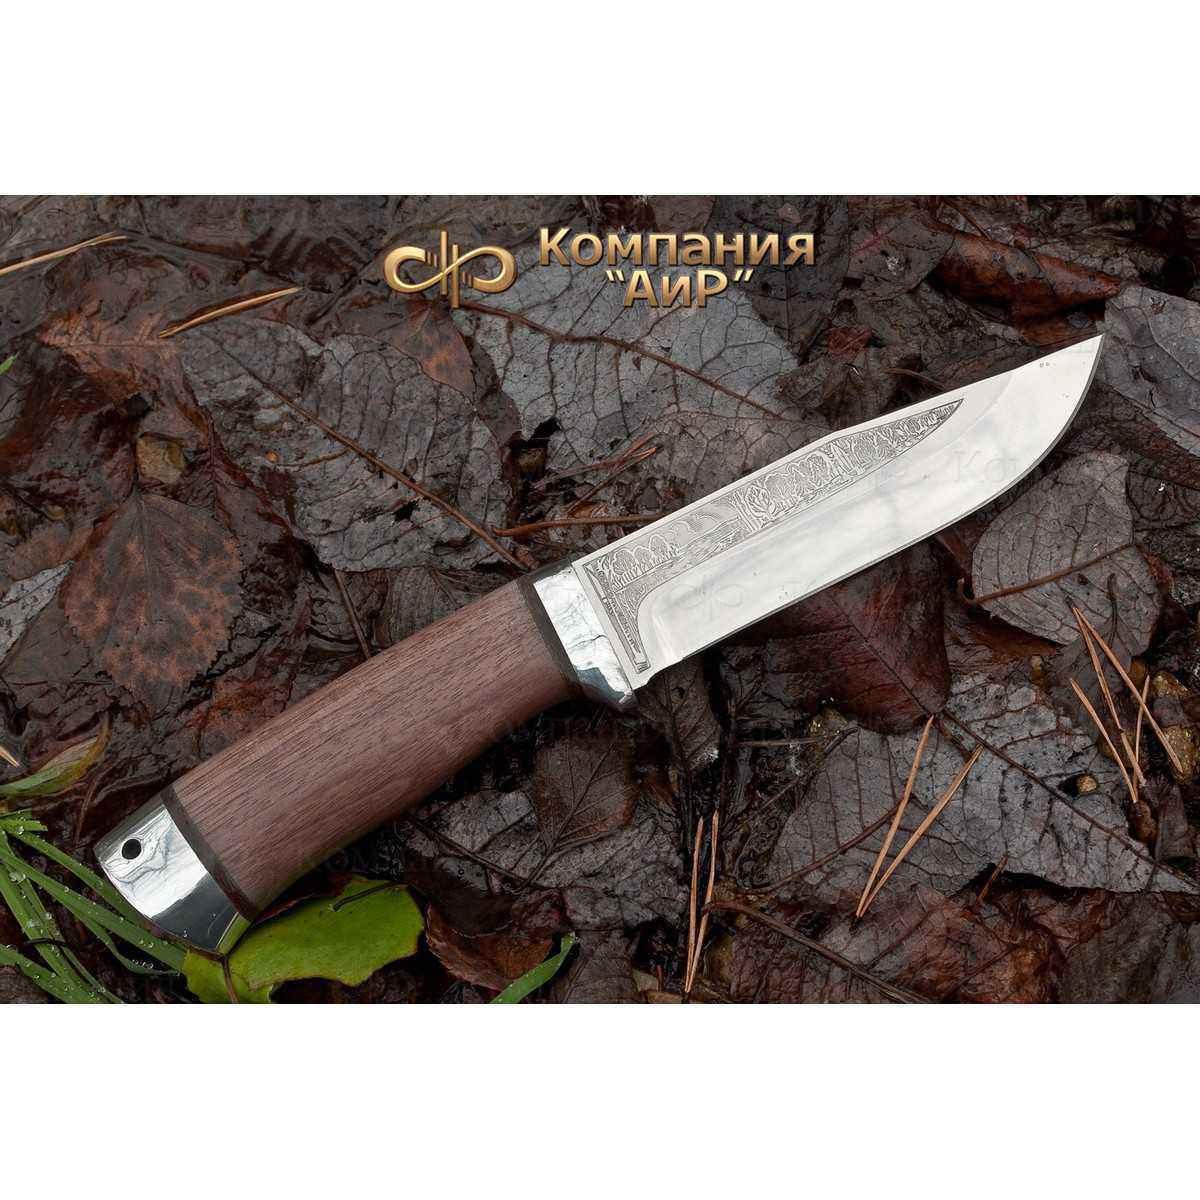 Нож АиР Турист, сталь ЭП-766, рукоять дерево нож аир хазар сталь эп 766 рукоять дерево